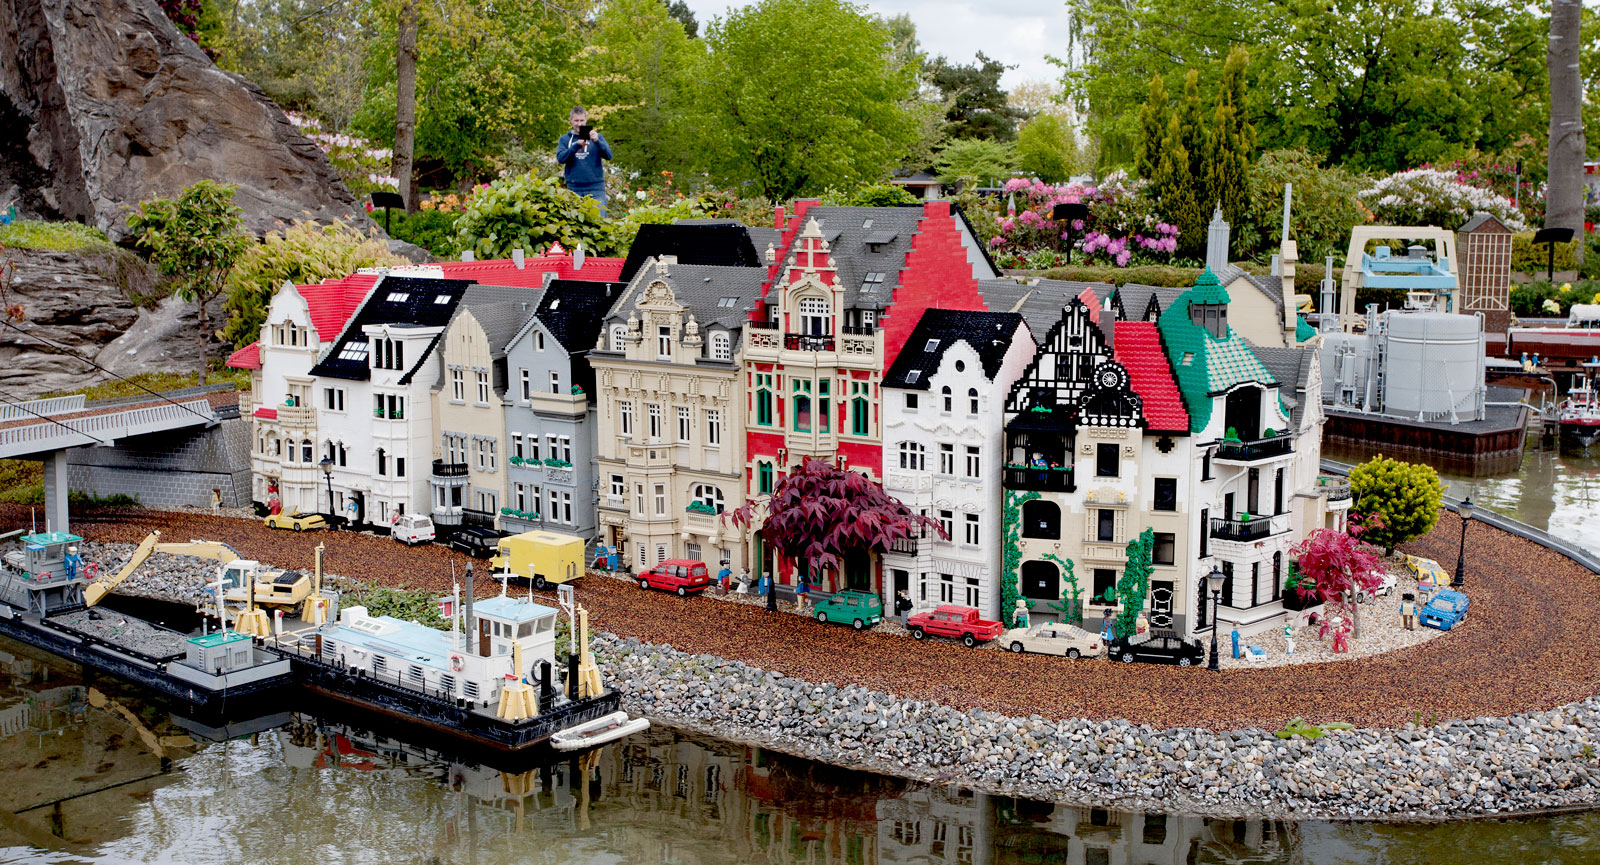 Känd vy över Düsseldorf av alla ställen! Miniland upphör inte att fascinera och detta är en bit av Altstadt, gamla stan, i Düsseldorf. Numera är även Miniland en klassiker på Legoland.